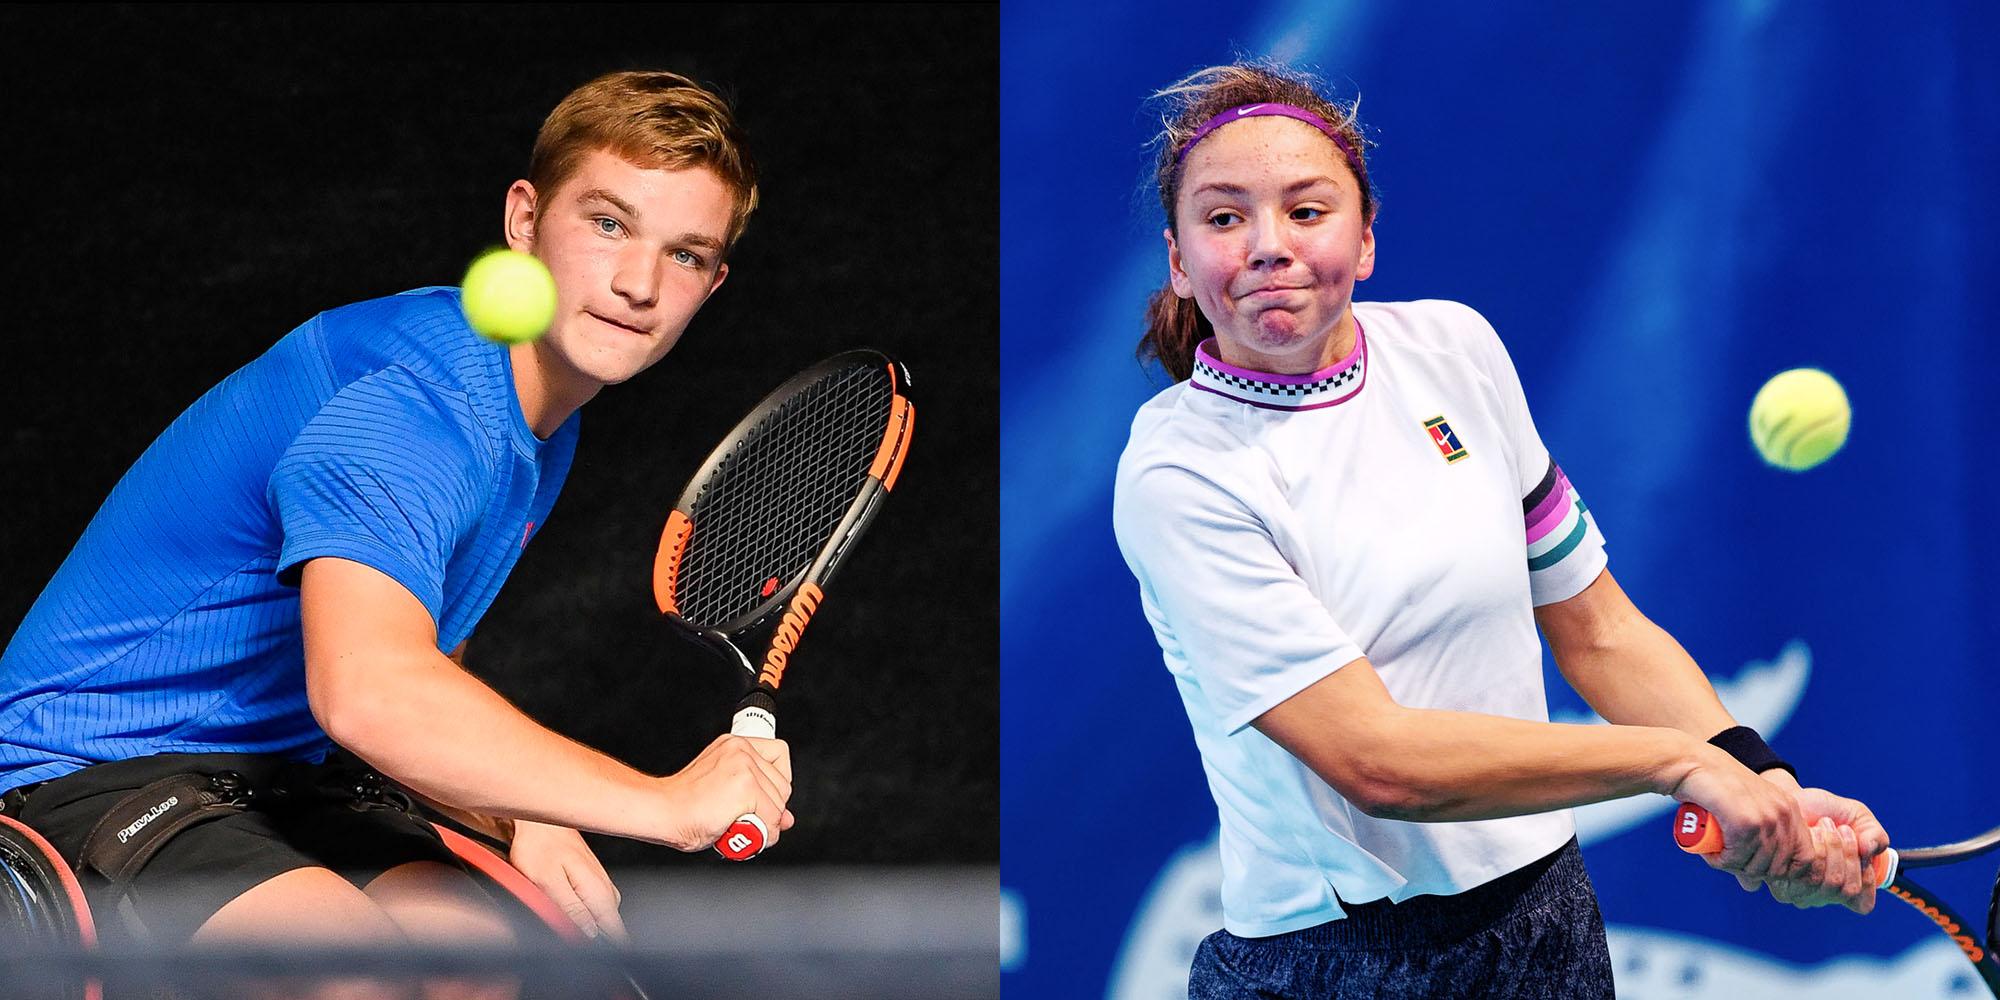 Tennisbeloften Jef Vandorpe en Sofia Costoulas kiezen voor Largus